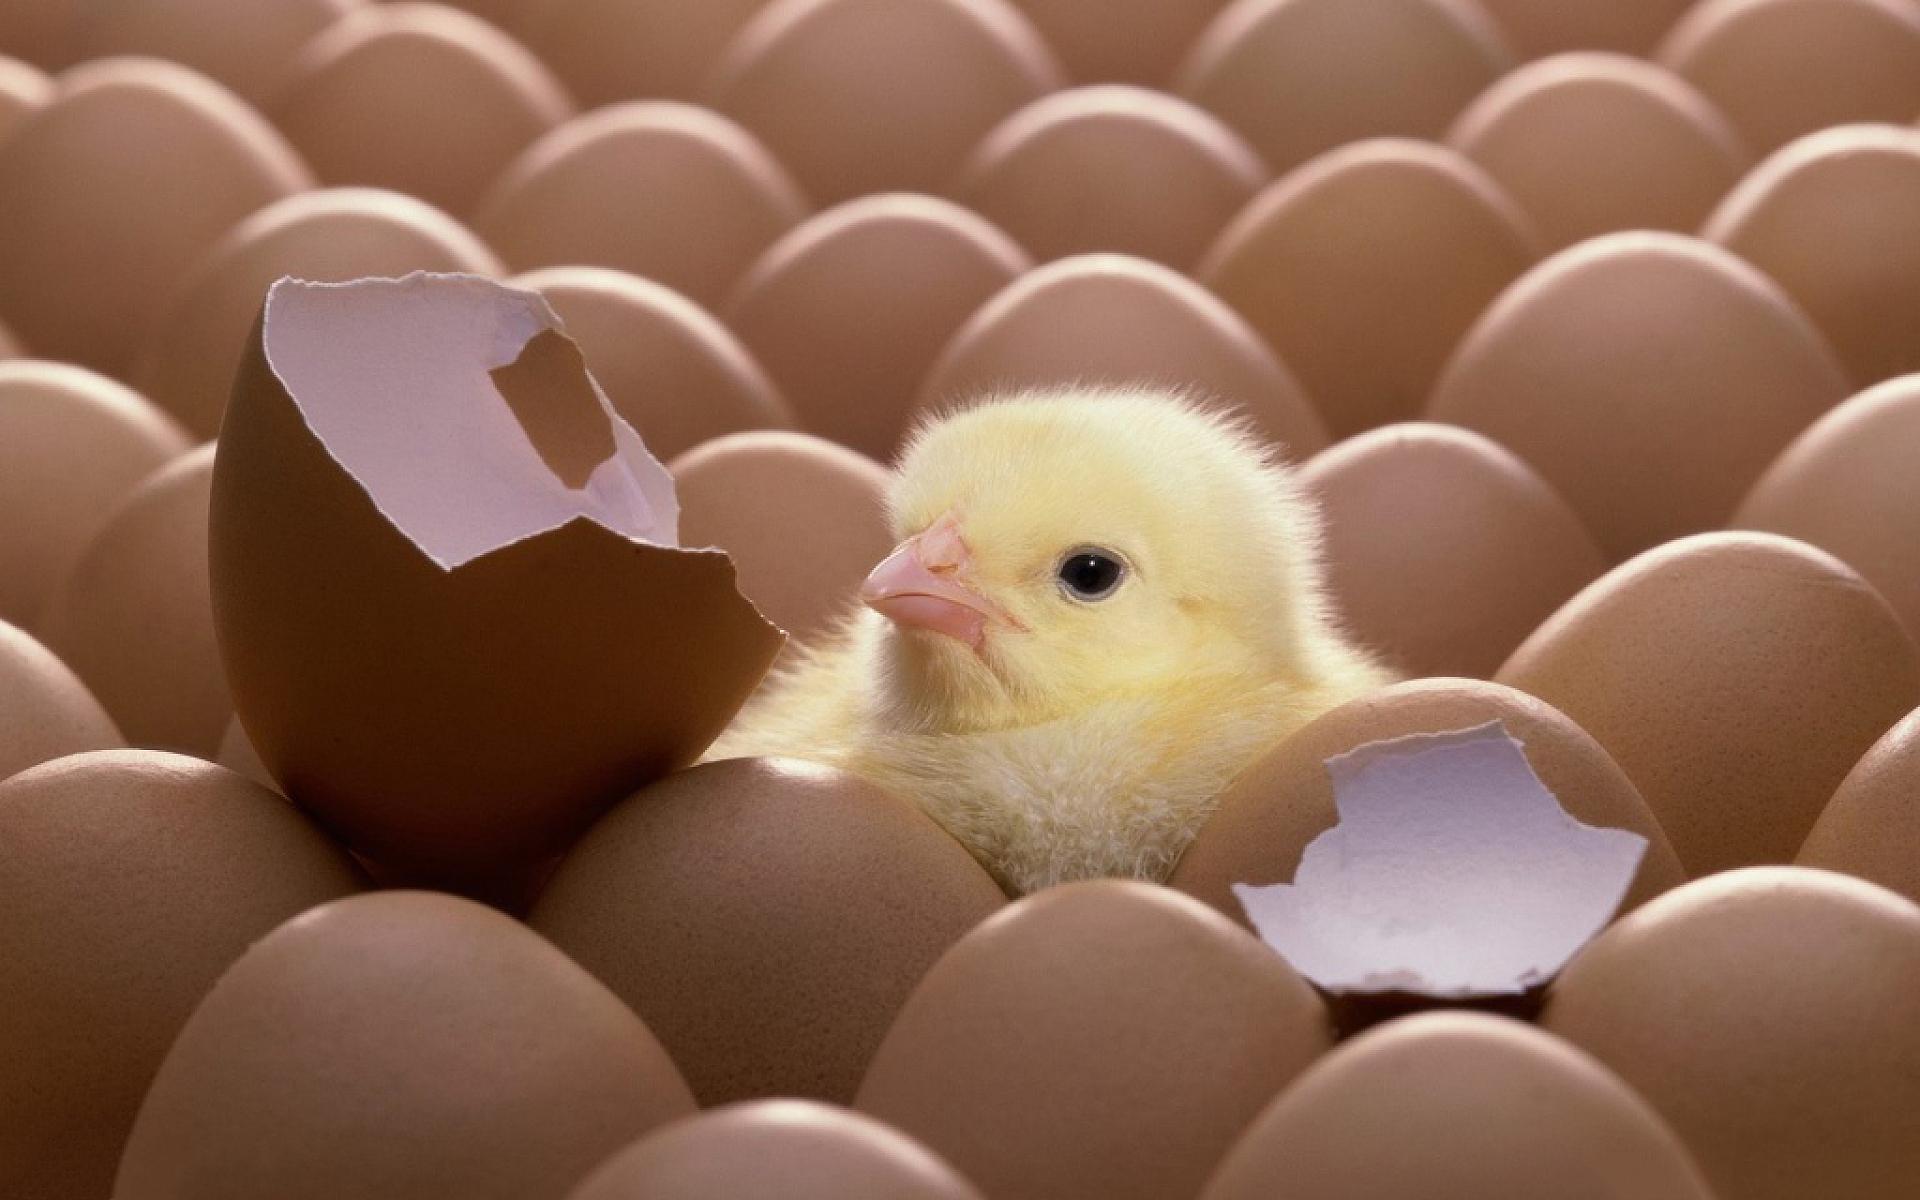 chicken hatching